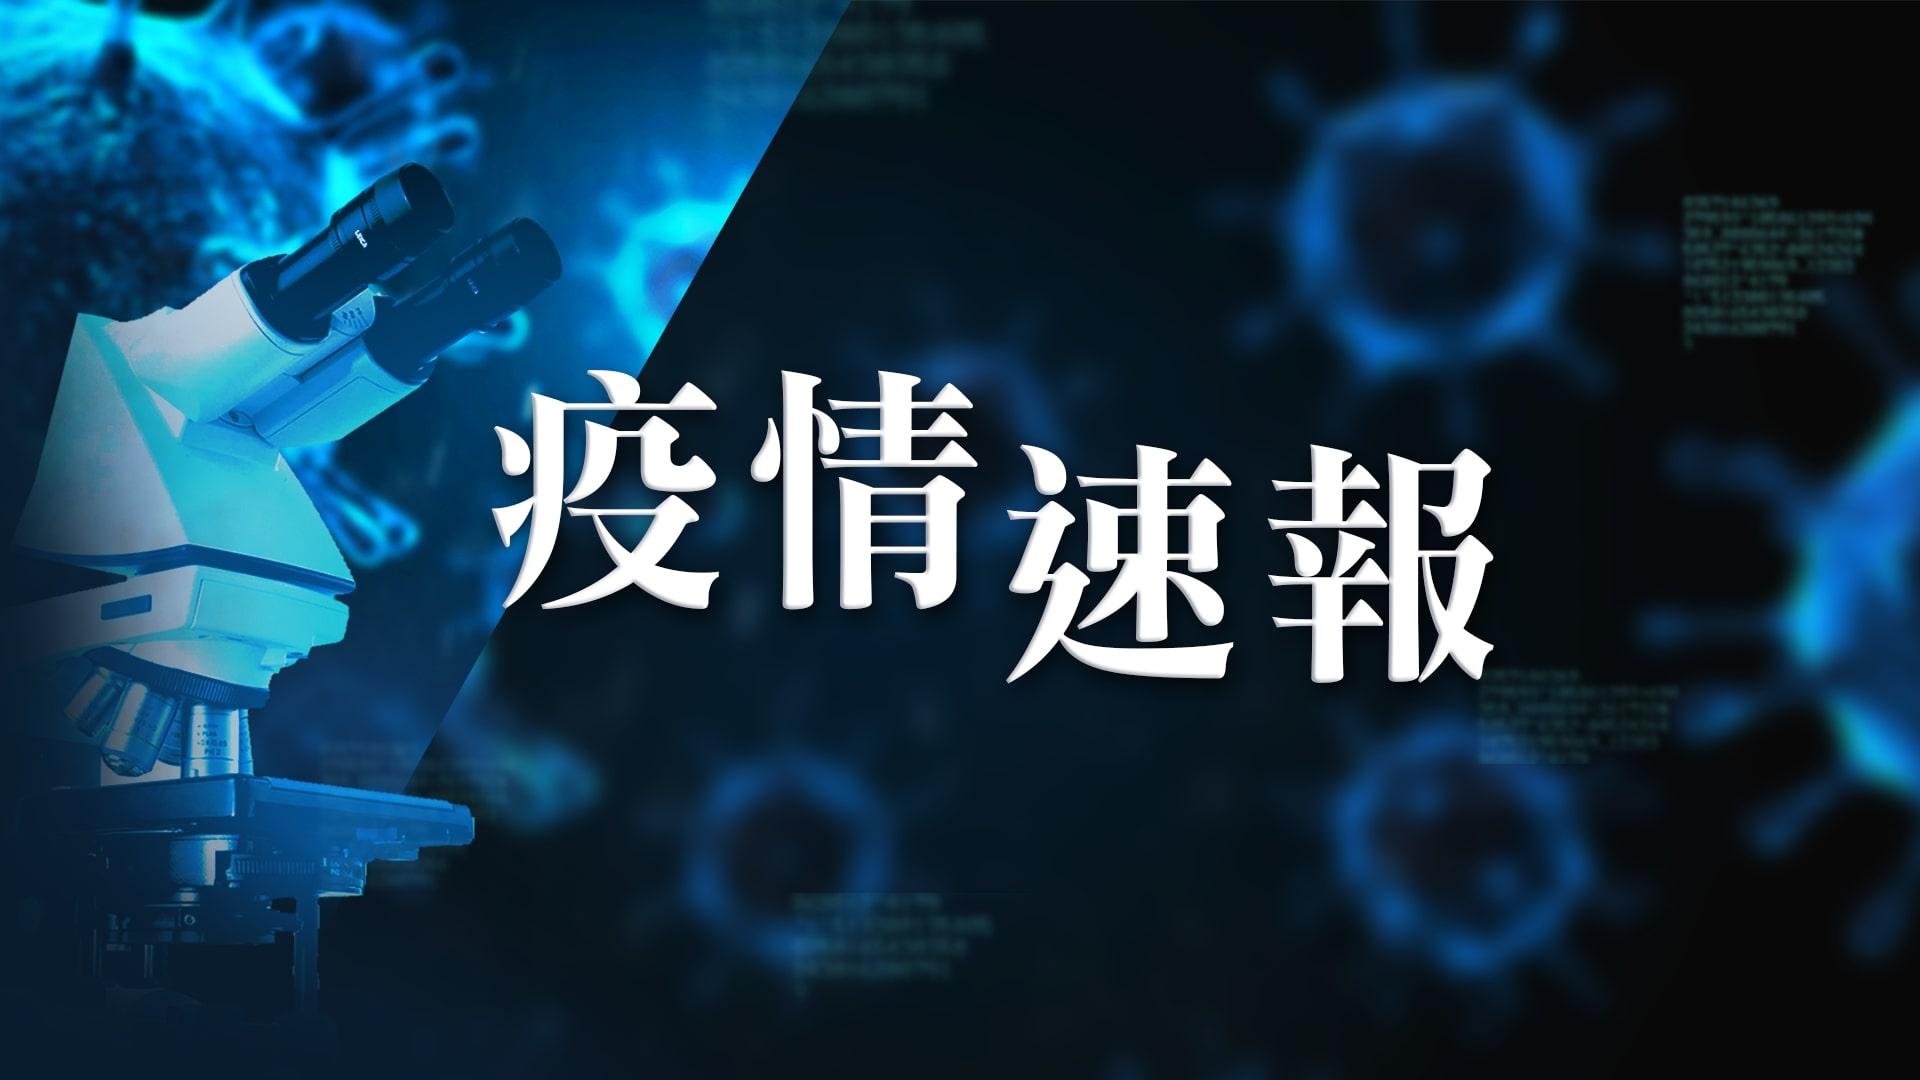 【3月6日疫情速報】(18:30)